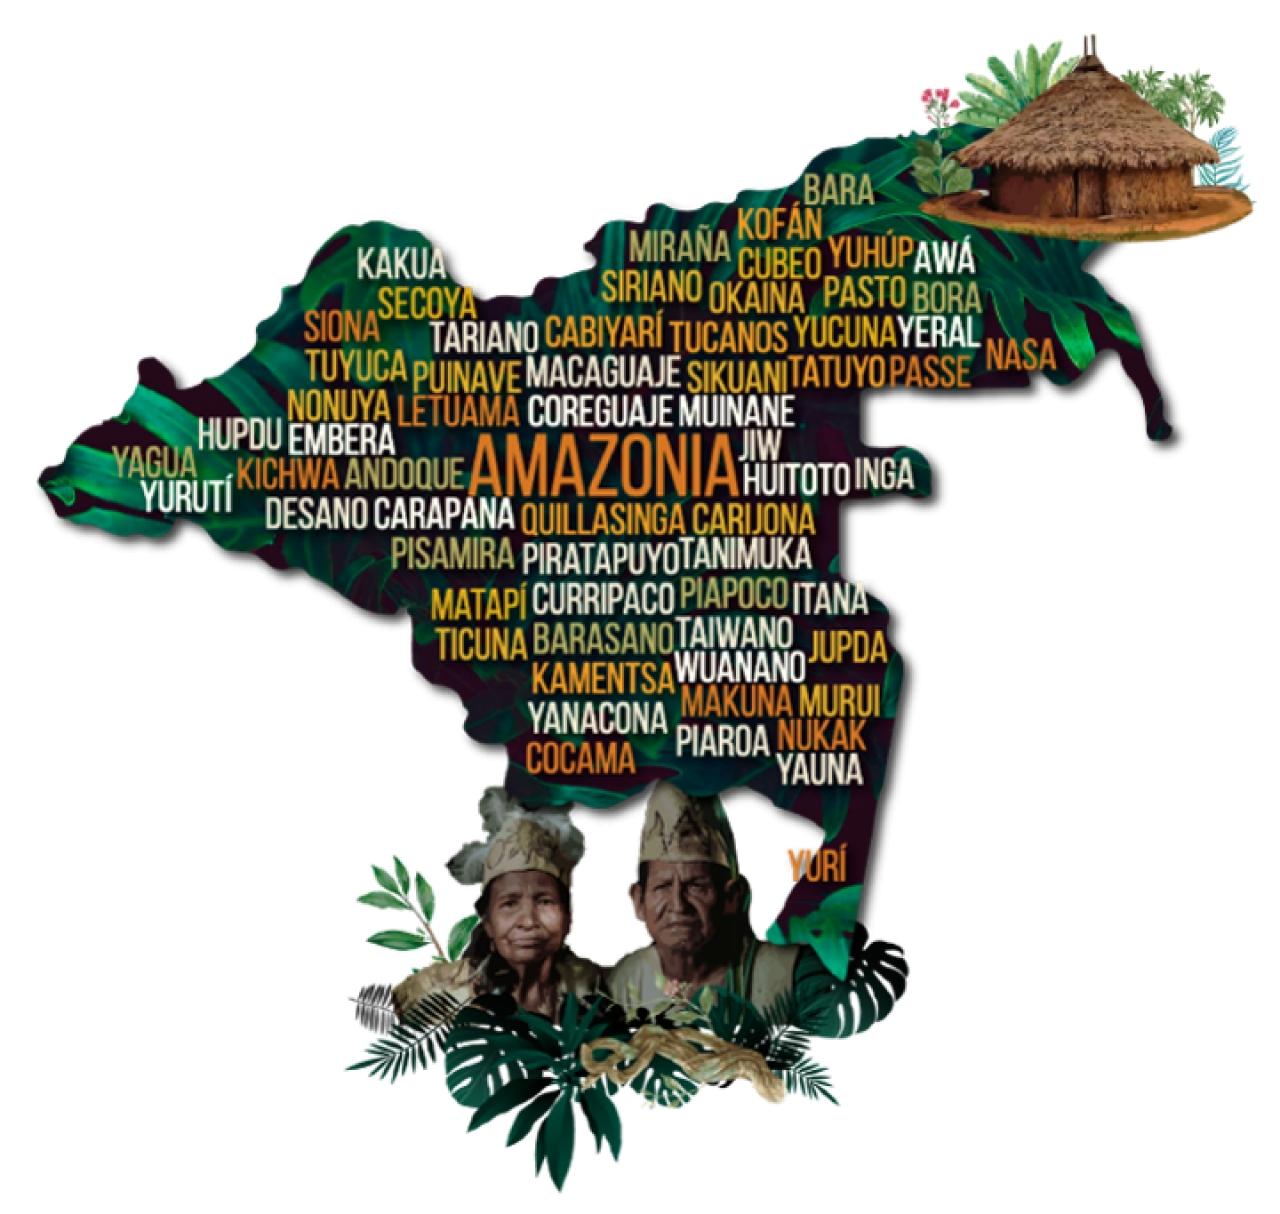 Las comunidades indígenas del Amazonas piden una respuesta al estado para sobrellevar la Covid-19